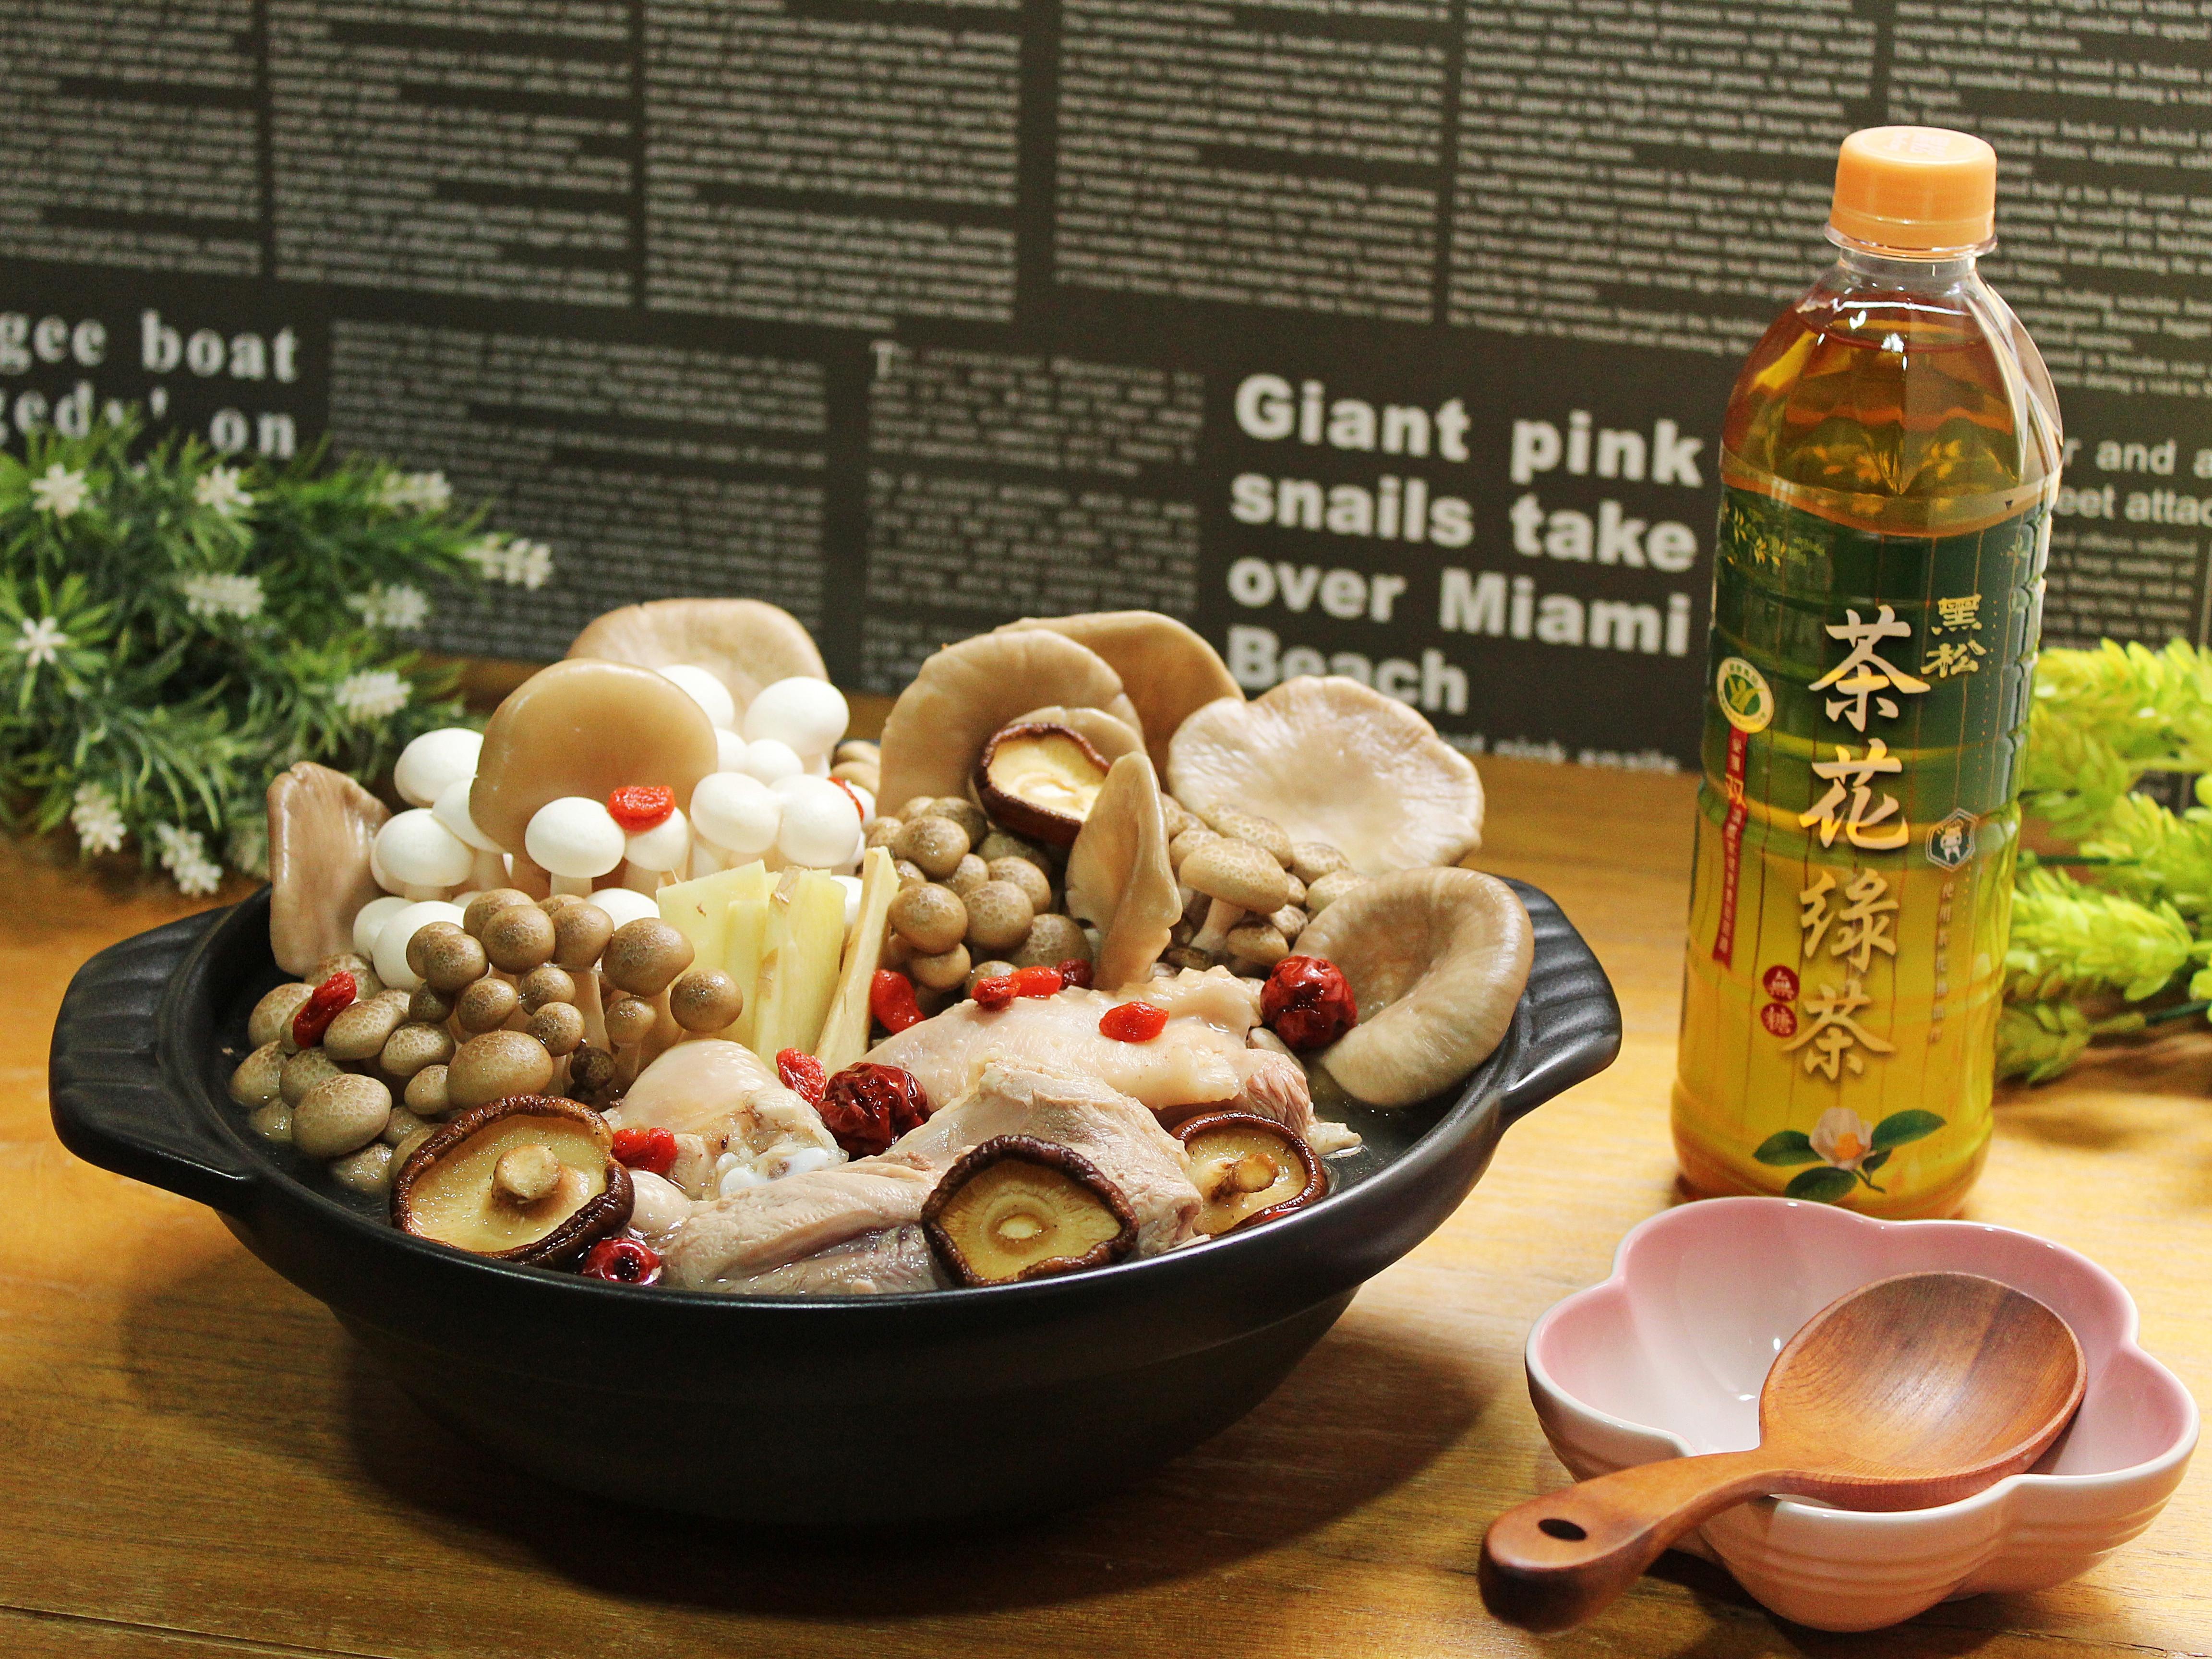 養生百菇綠茶雞湯【黑松茶花綠茶】